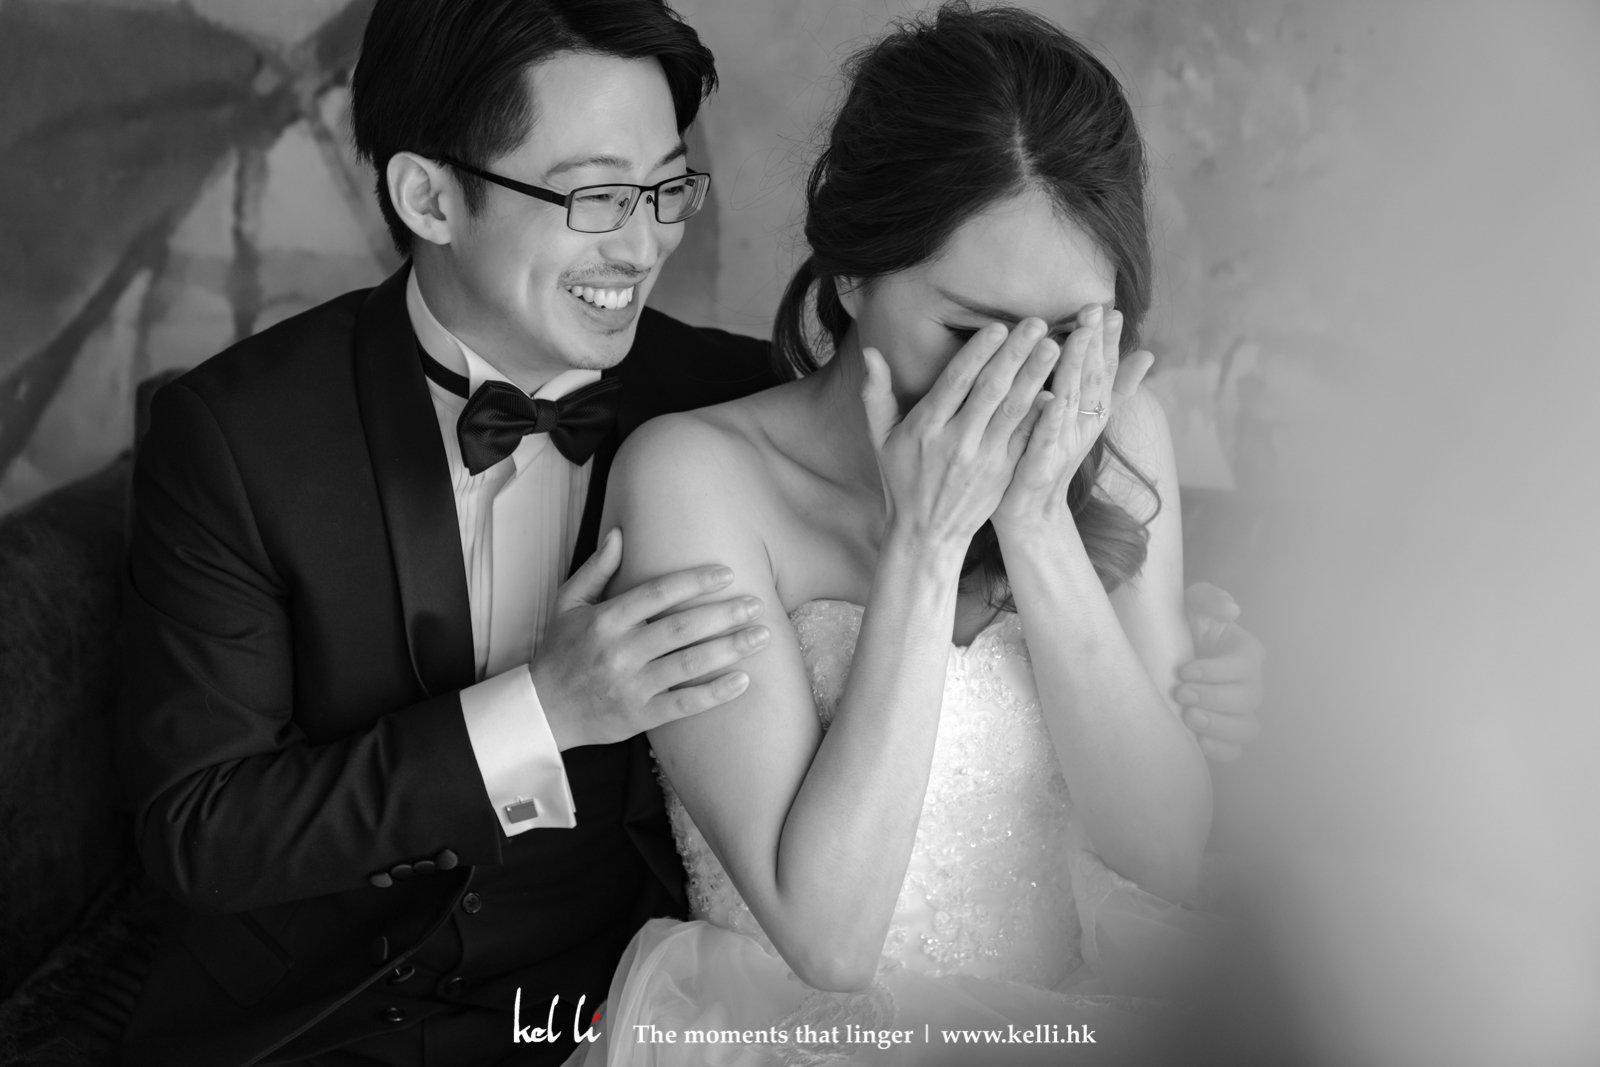 瞬間的情感是我們最愛的婚紗相之一